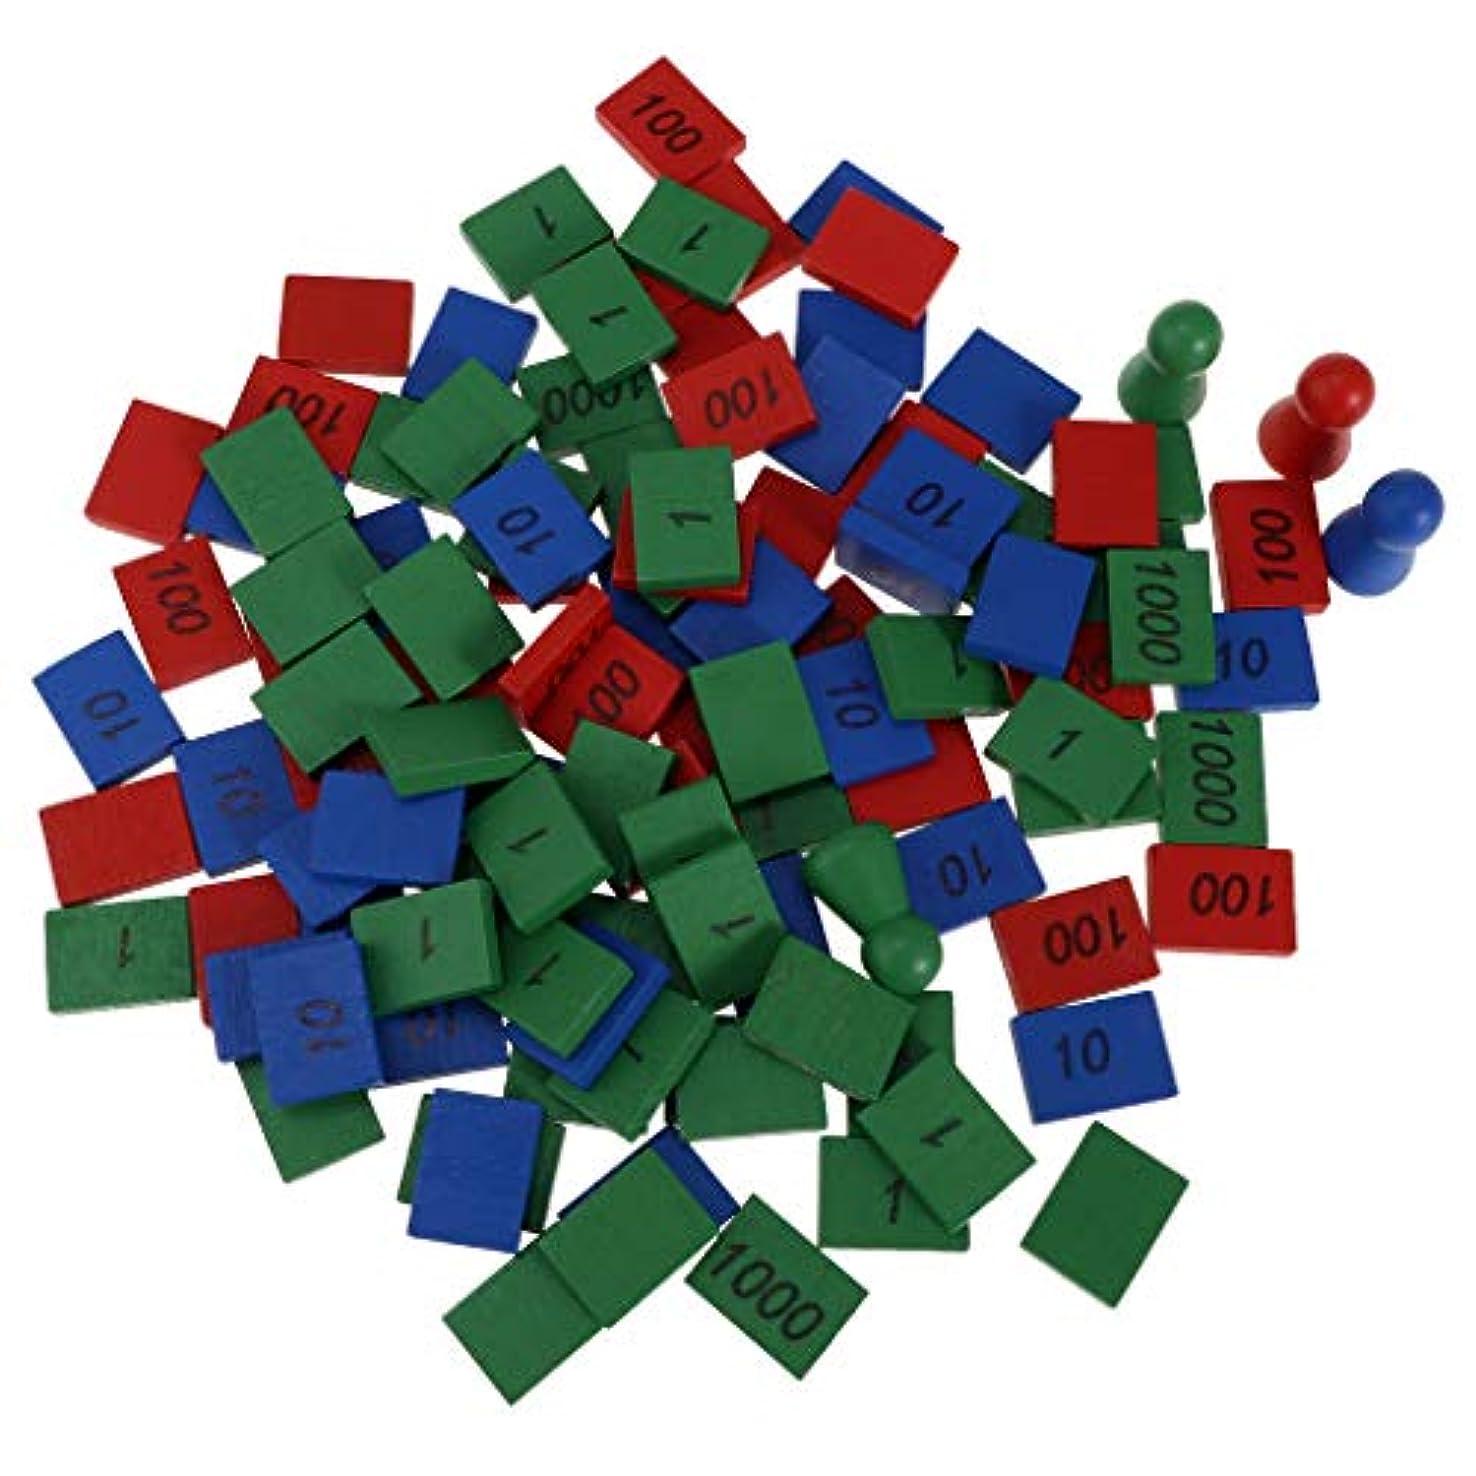 伝説規定負P Prettyia おもちゃ カラフルな 数学 子供たち 教育用 木製ラウンドヘッドコーン